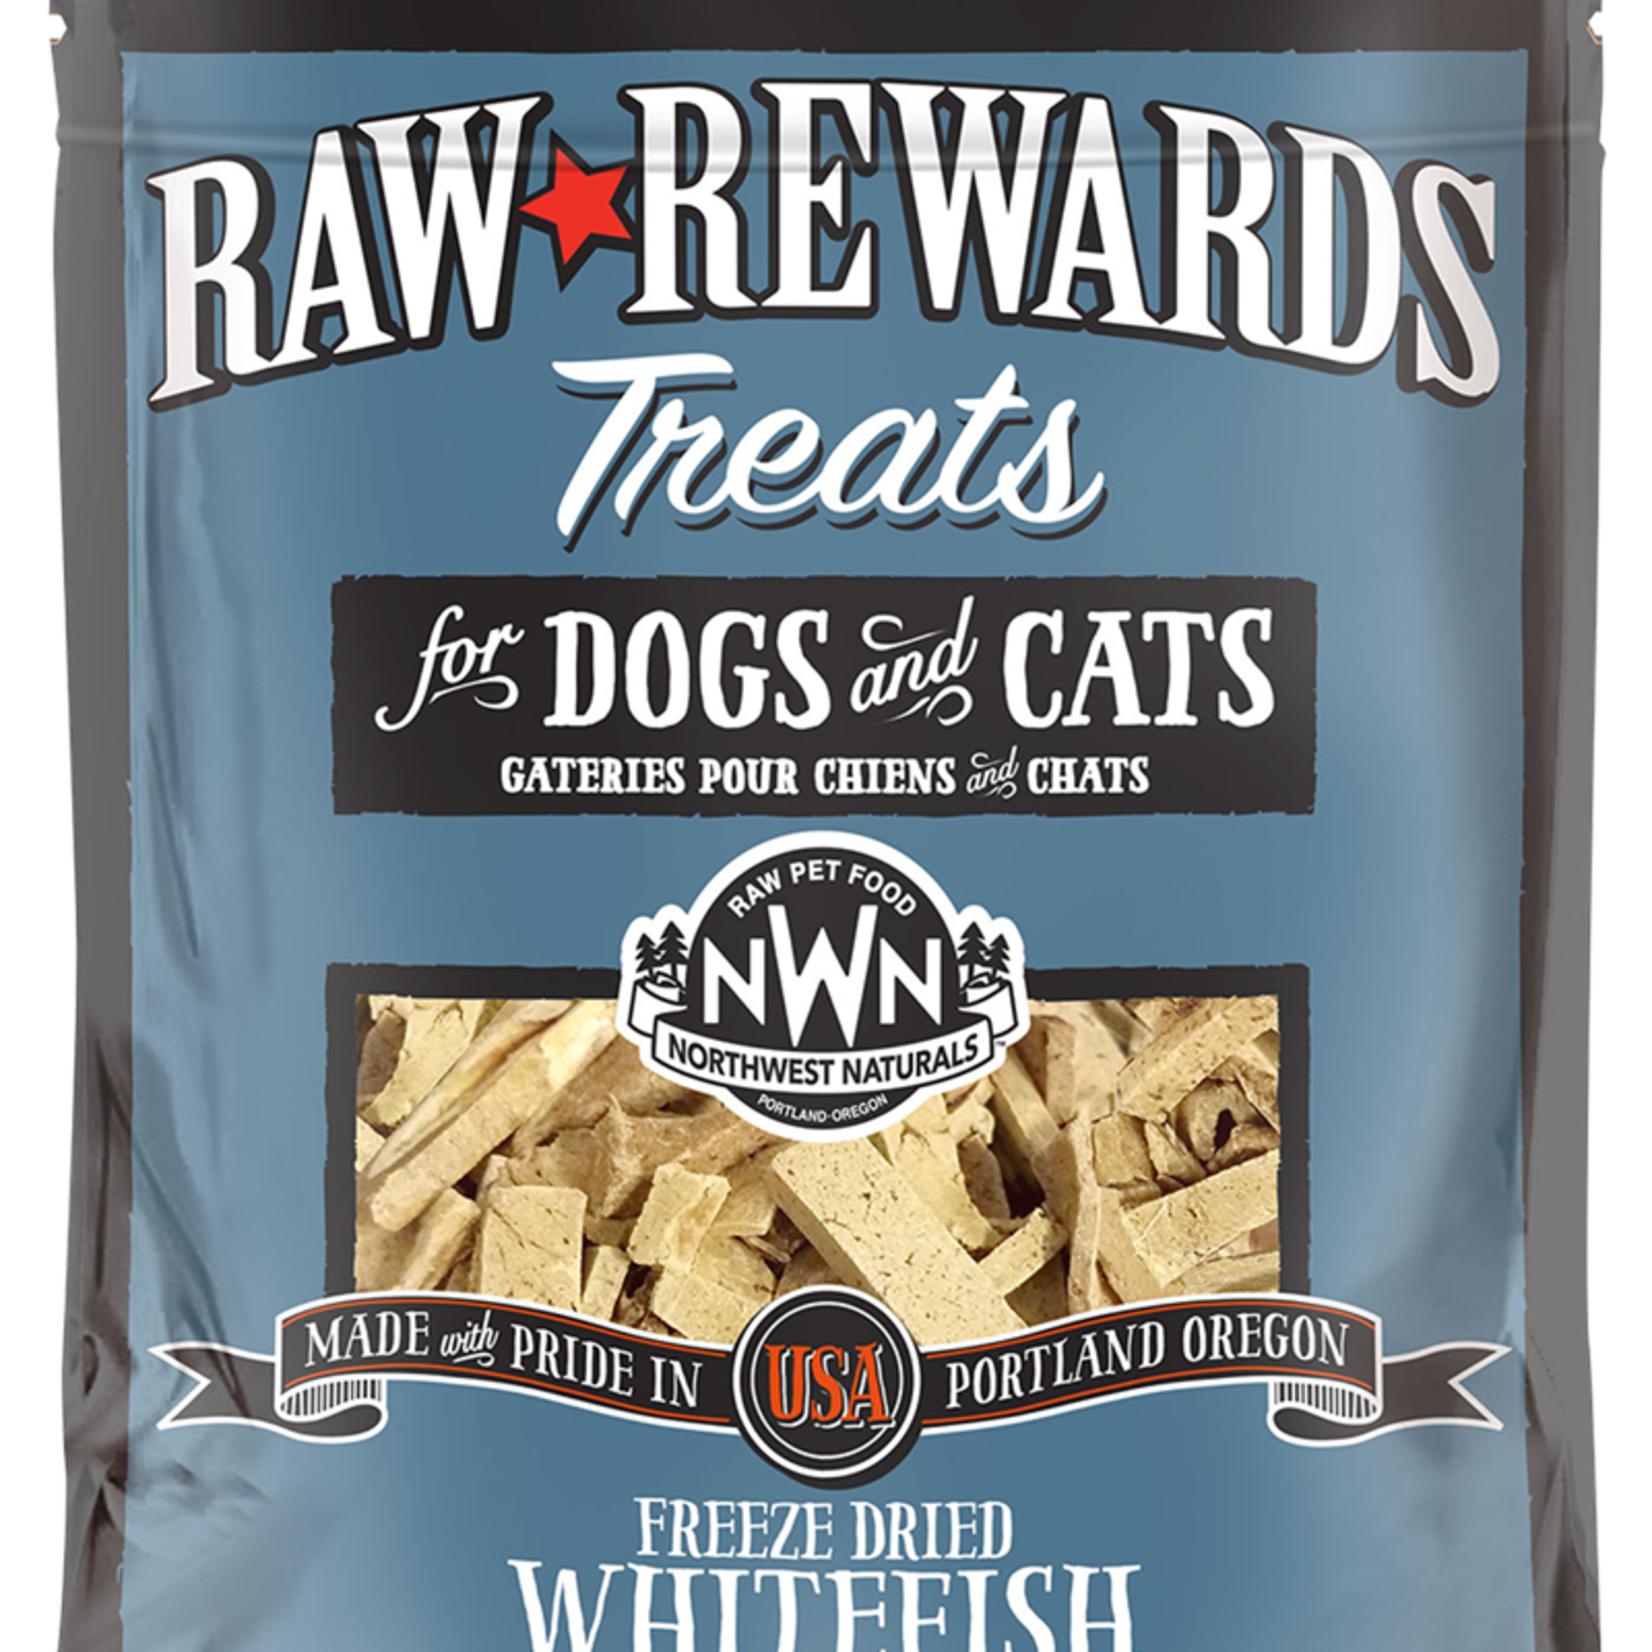 Northwest Naturals Northwest Naturals Freeze-dried Raw Rewards Whitefish Treat 3 OZ